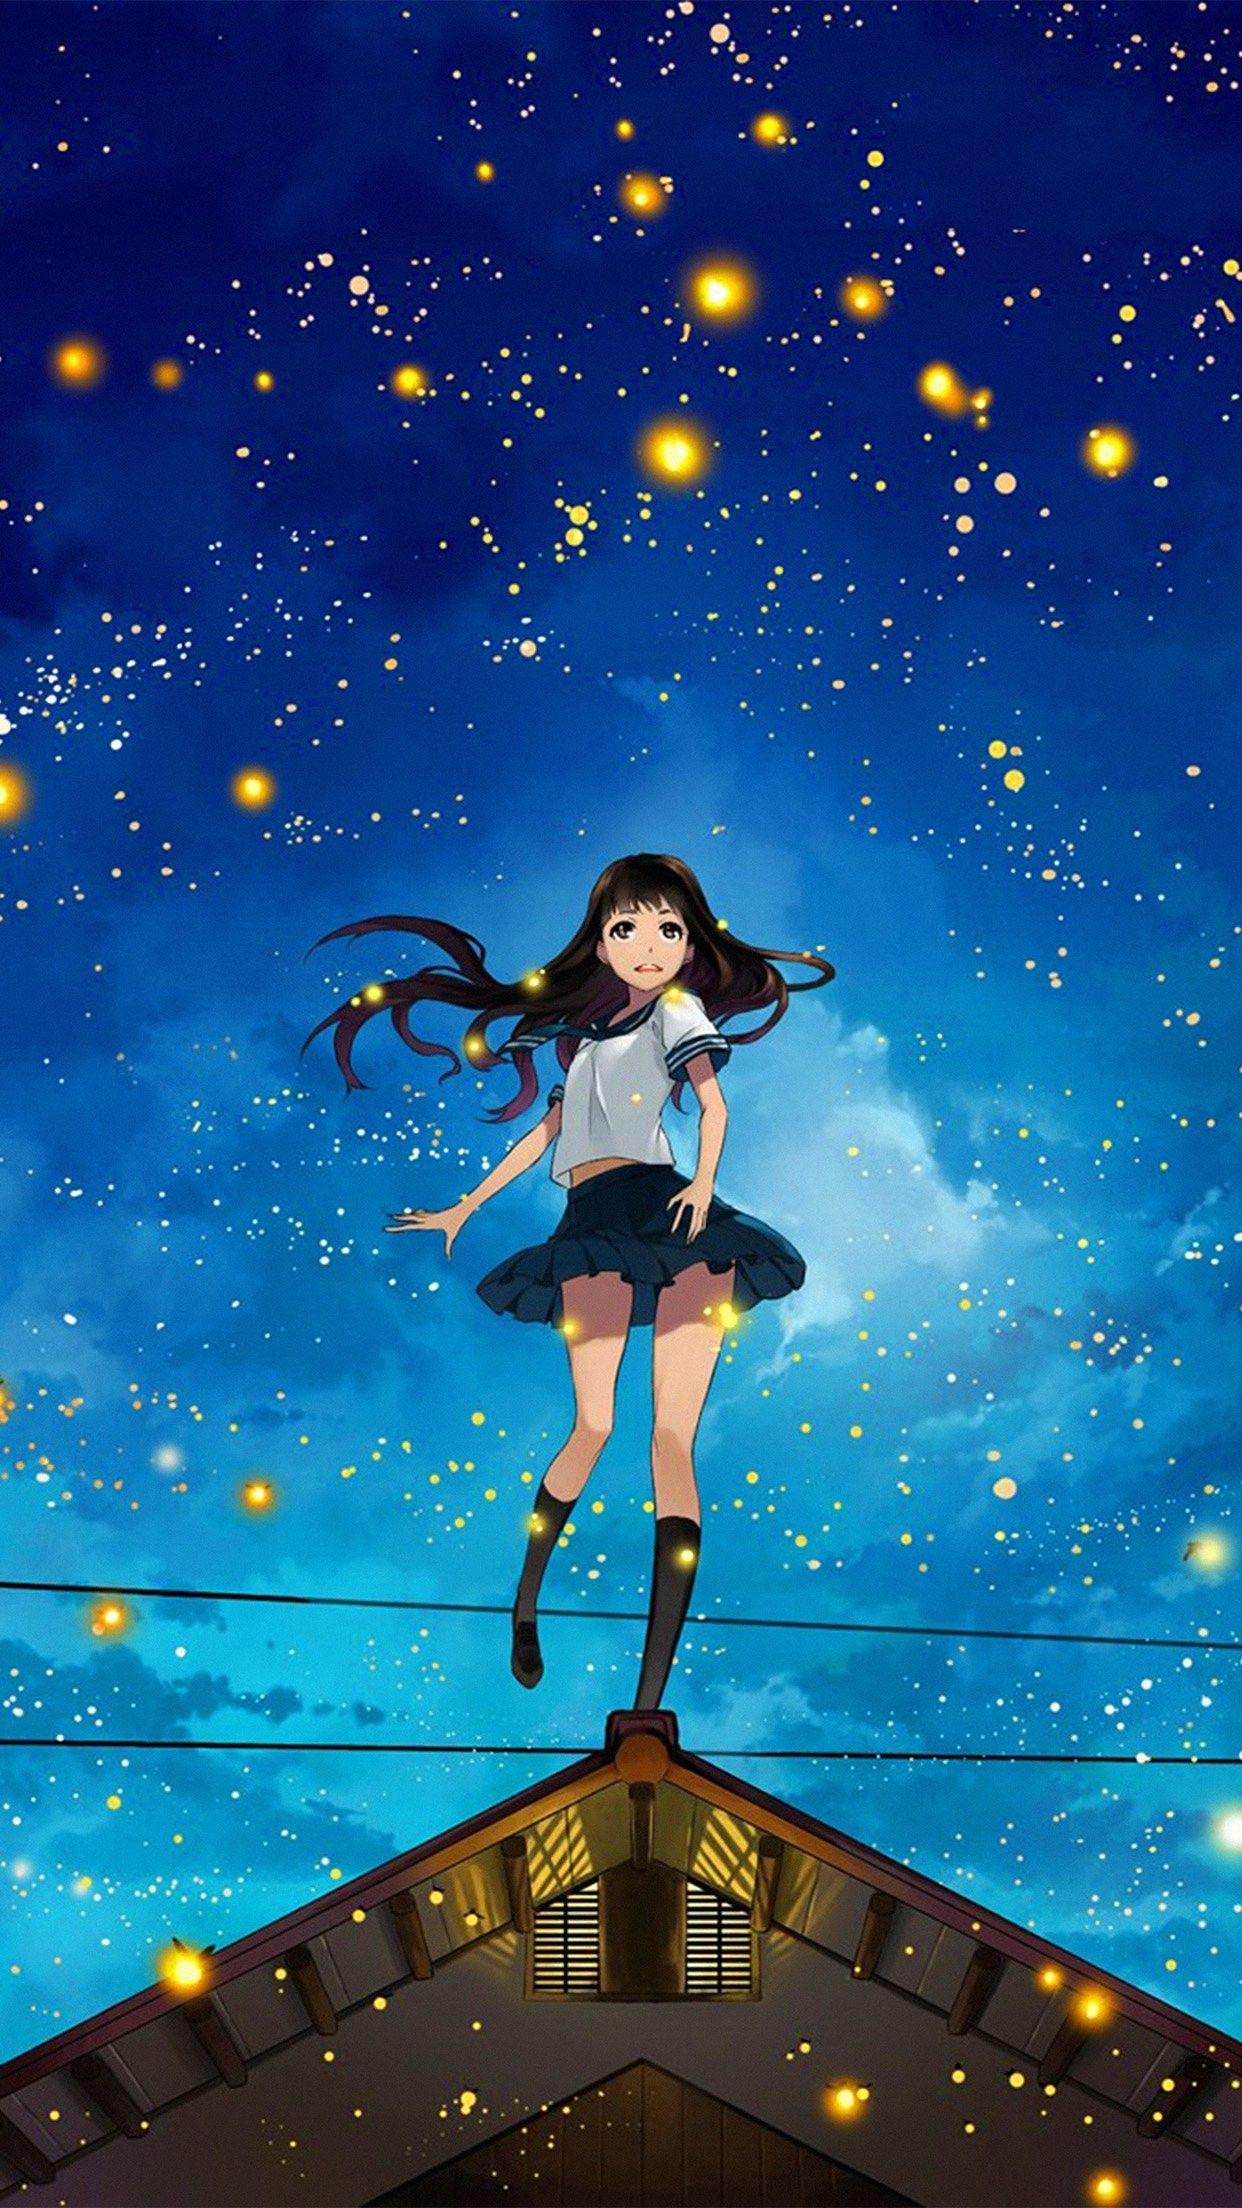 Aesthetic Anime Girl Wallpapers On Wallpaperdog